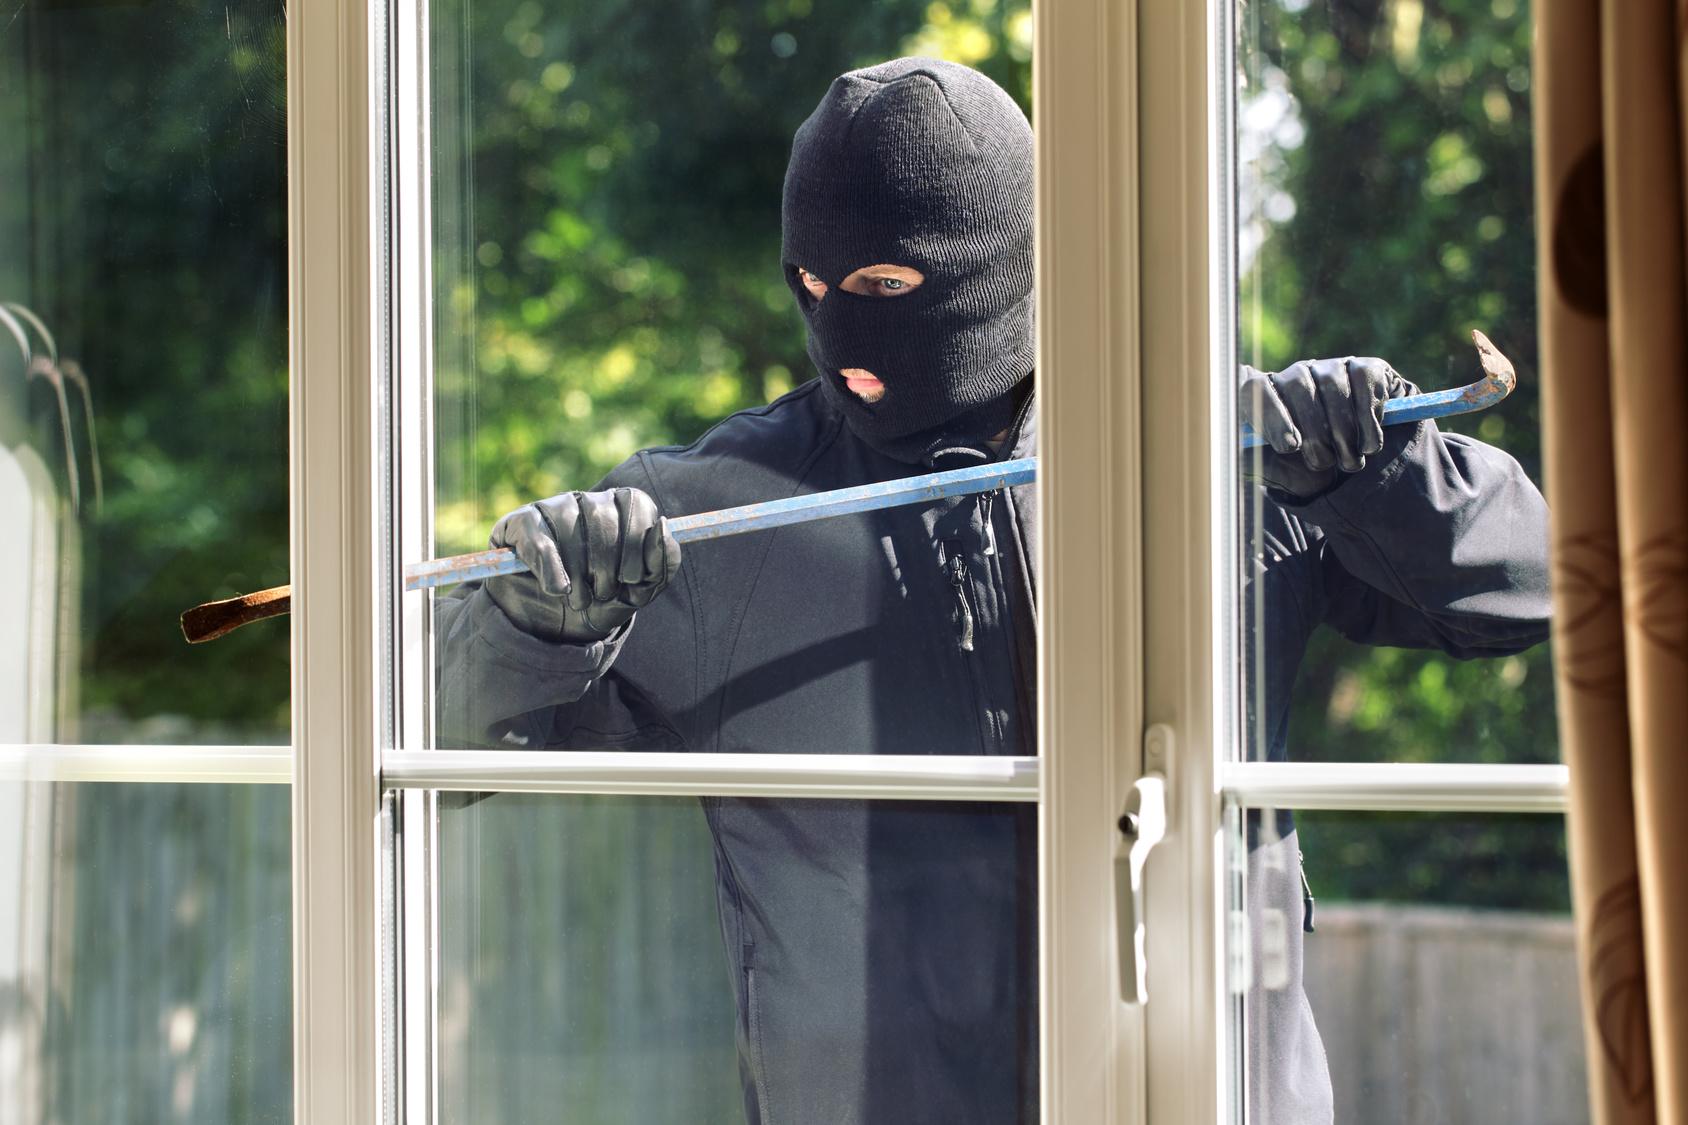 Auch gegen den Einbruchschaden ist man mit der Hausratversicherung gut versichert.